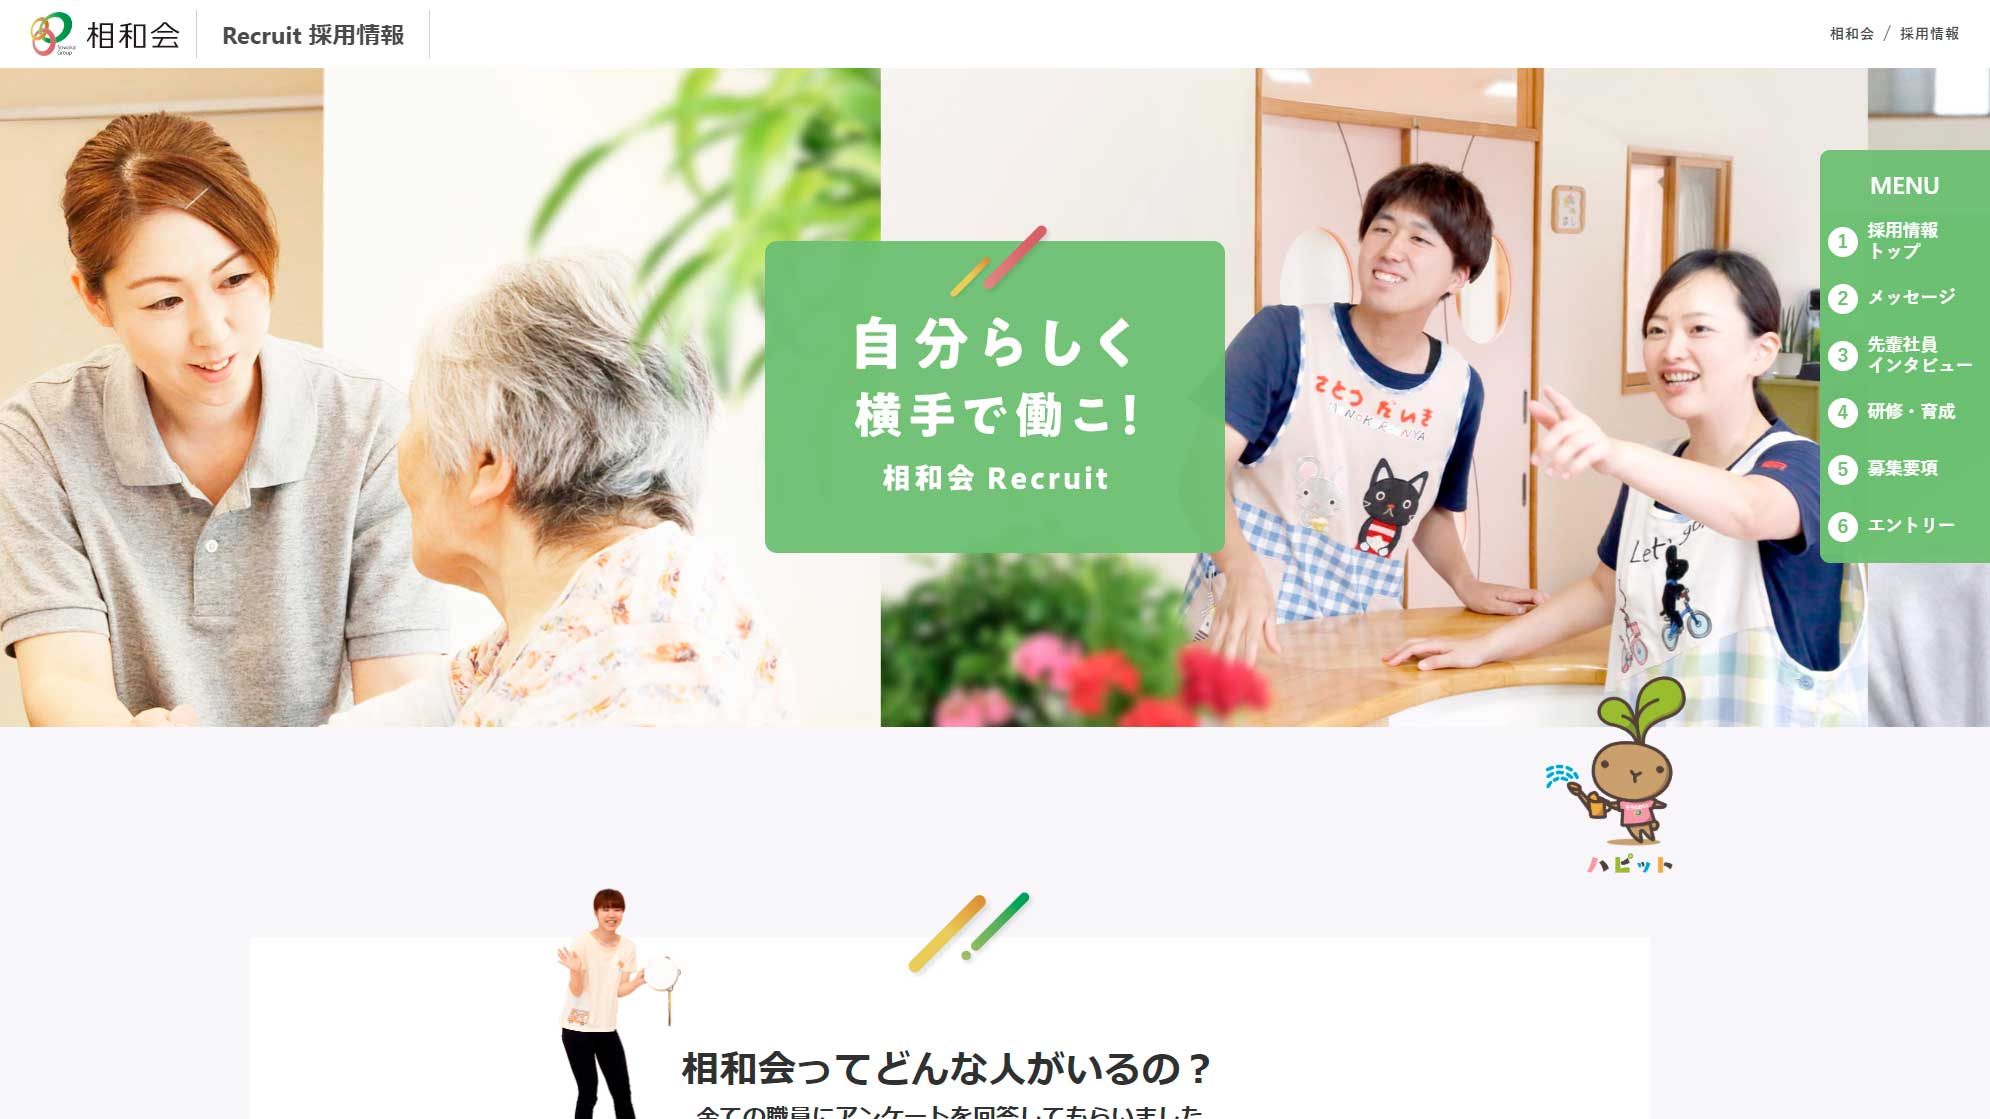 社会福祉法人 相和会 (採用特設サイト)様のサイトイメージ